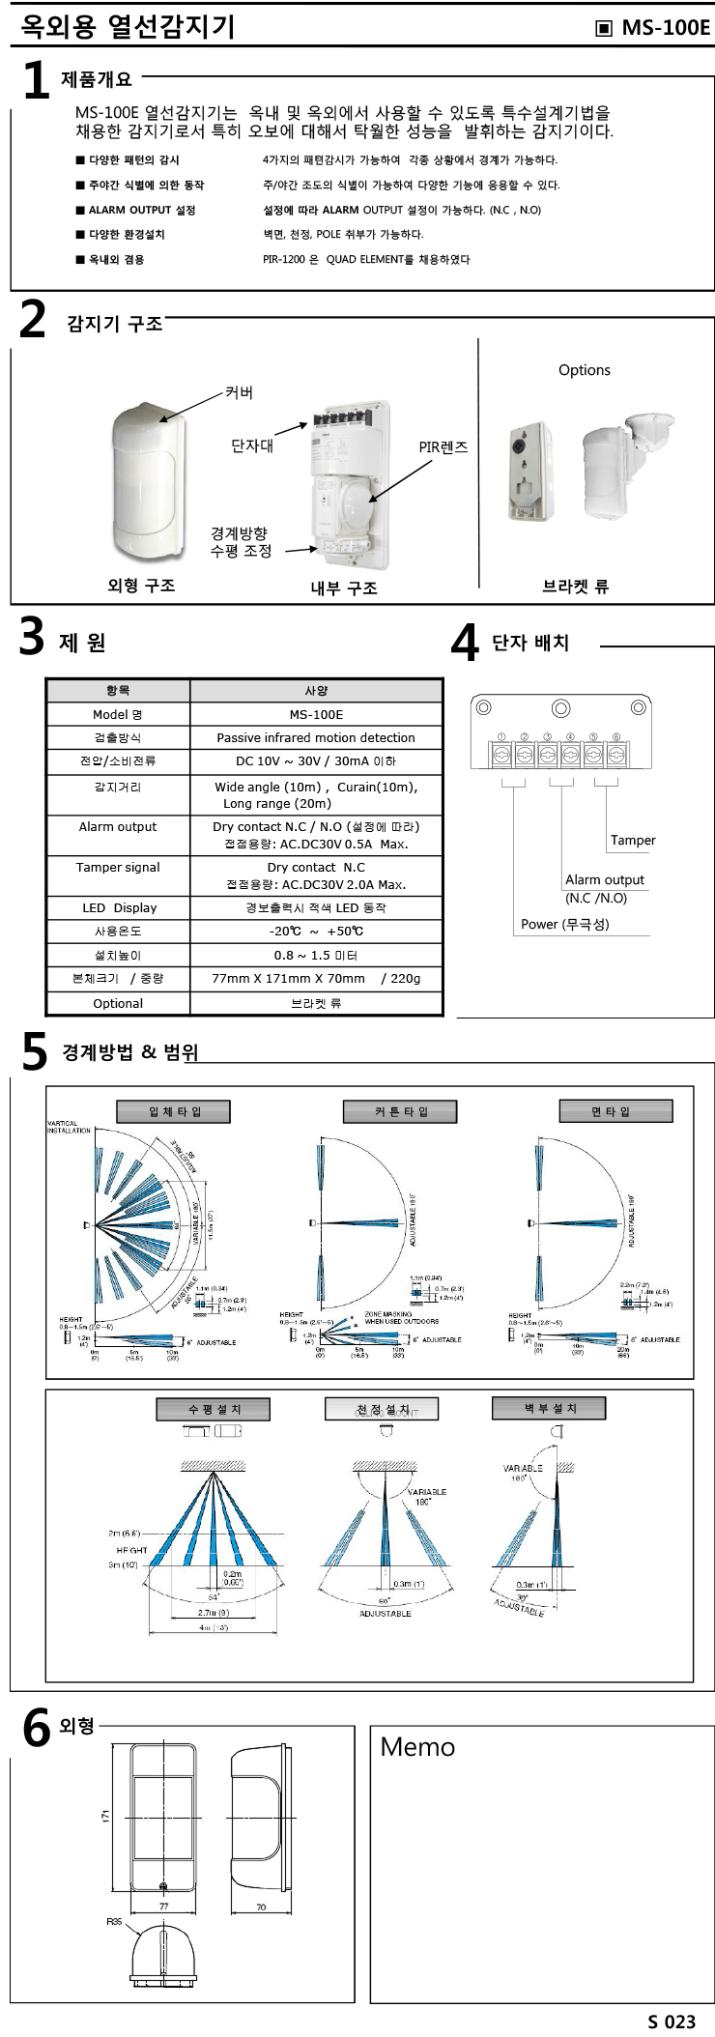 센서프로(주) 옥외형 MS-100E